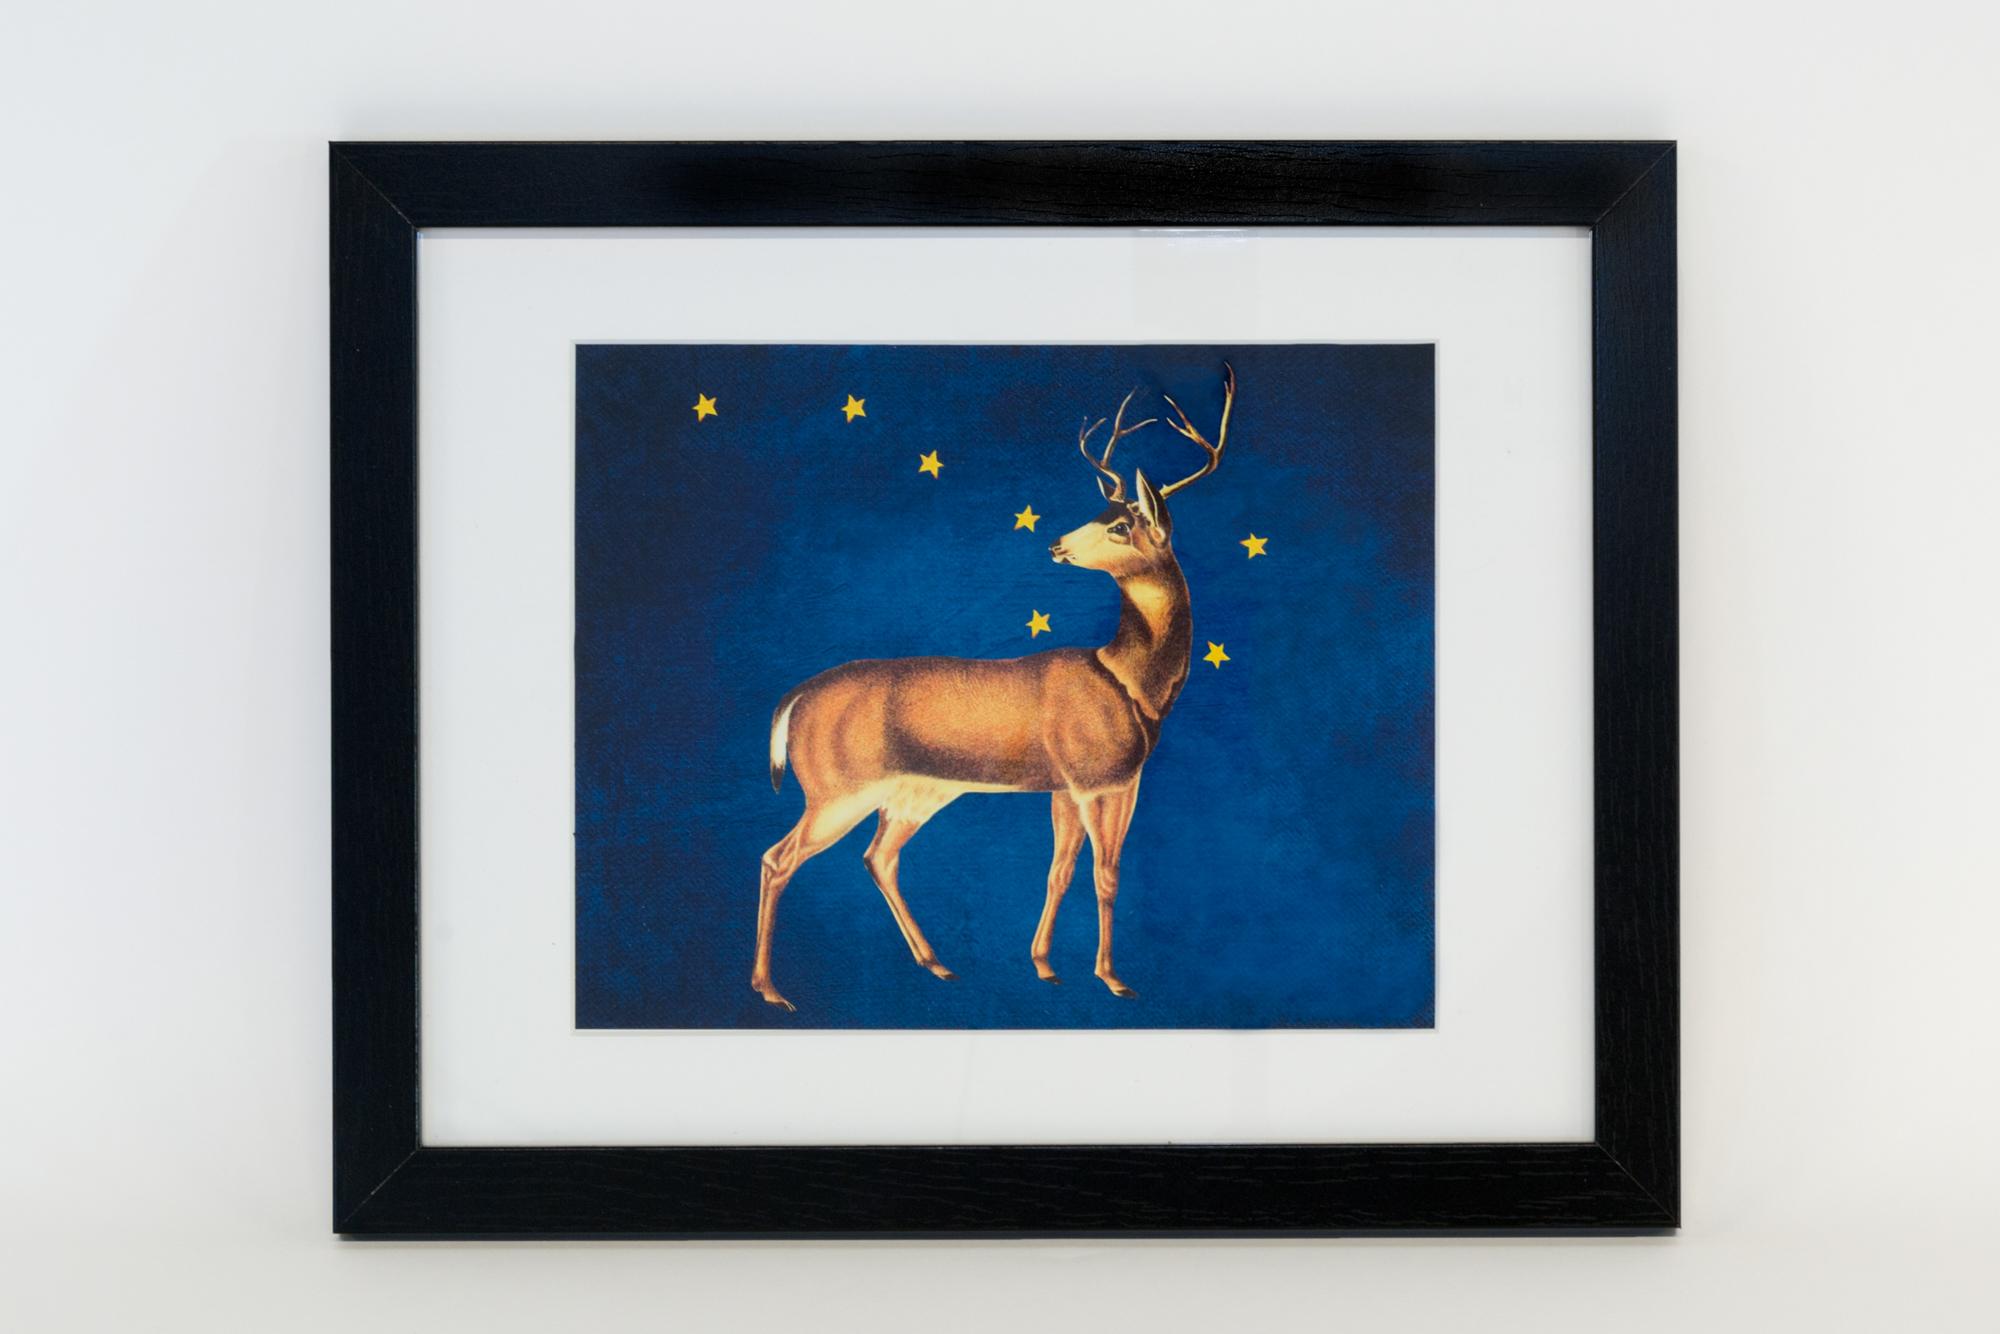 Elk and the Big Dipper